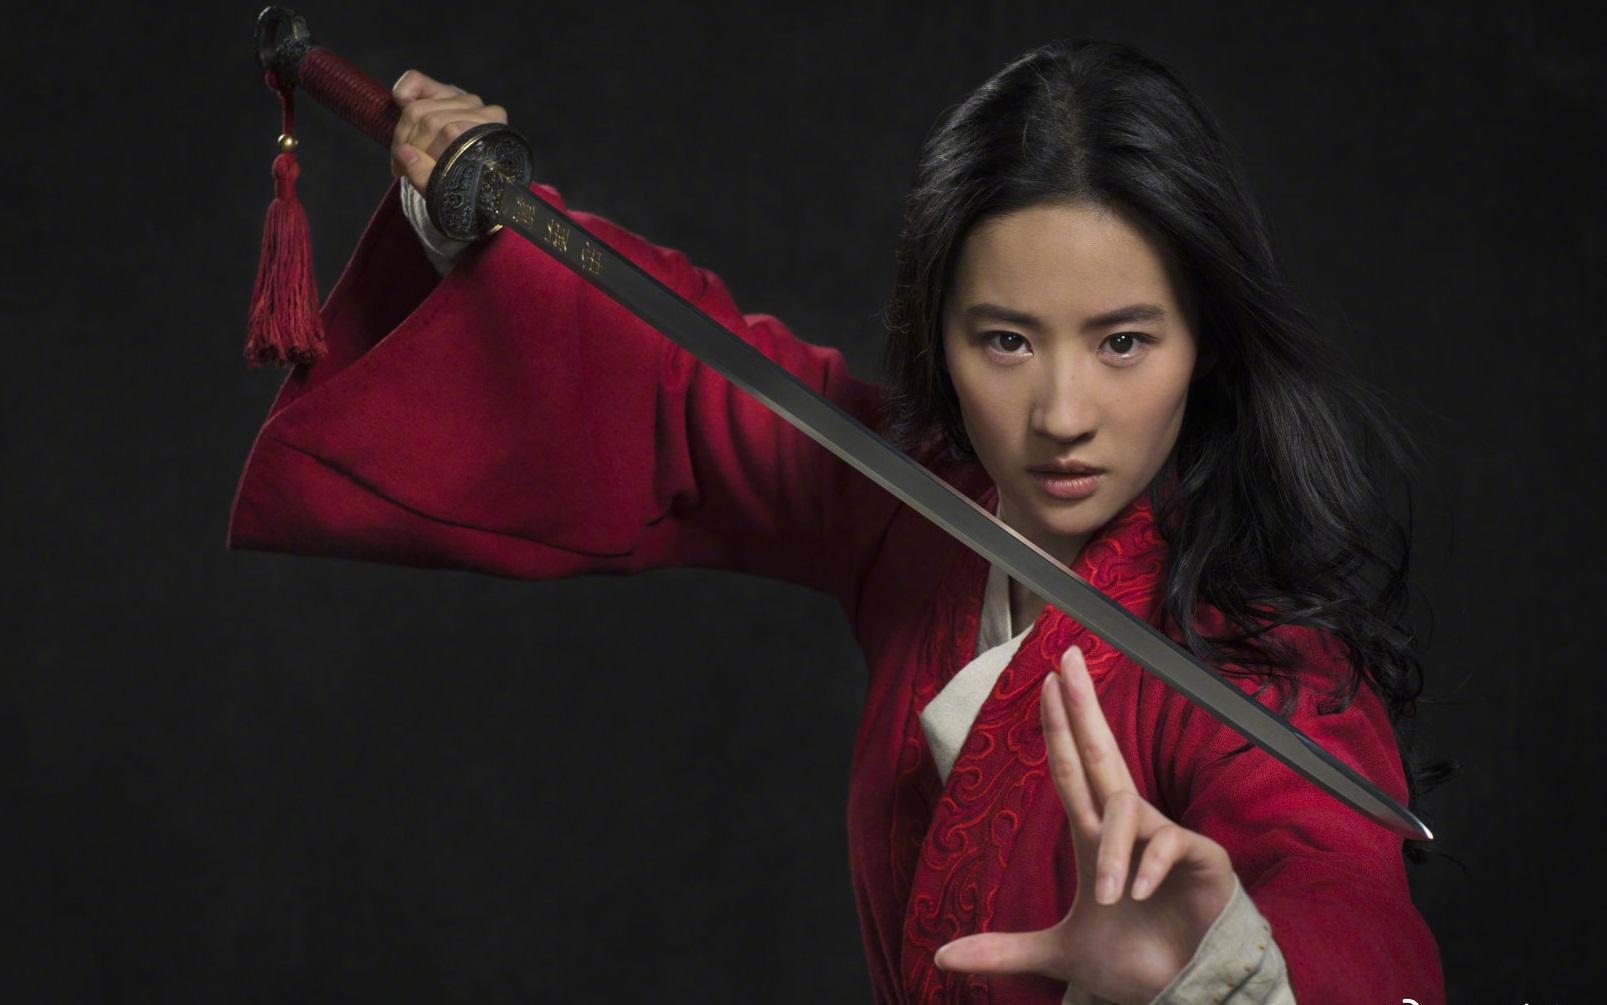 神仙姐姐刘亦菲为了演好花木兰太拼了-第6张图片